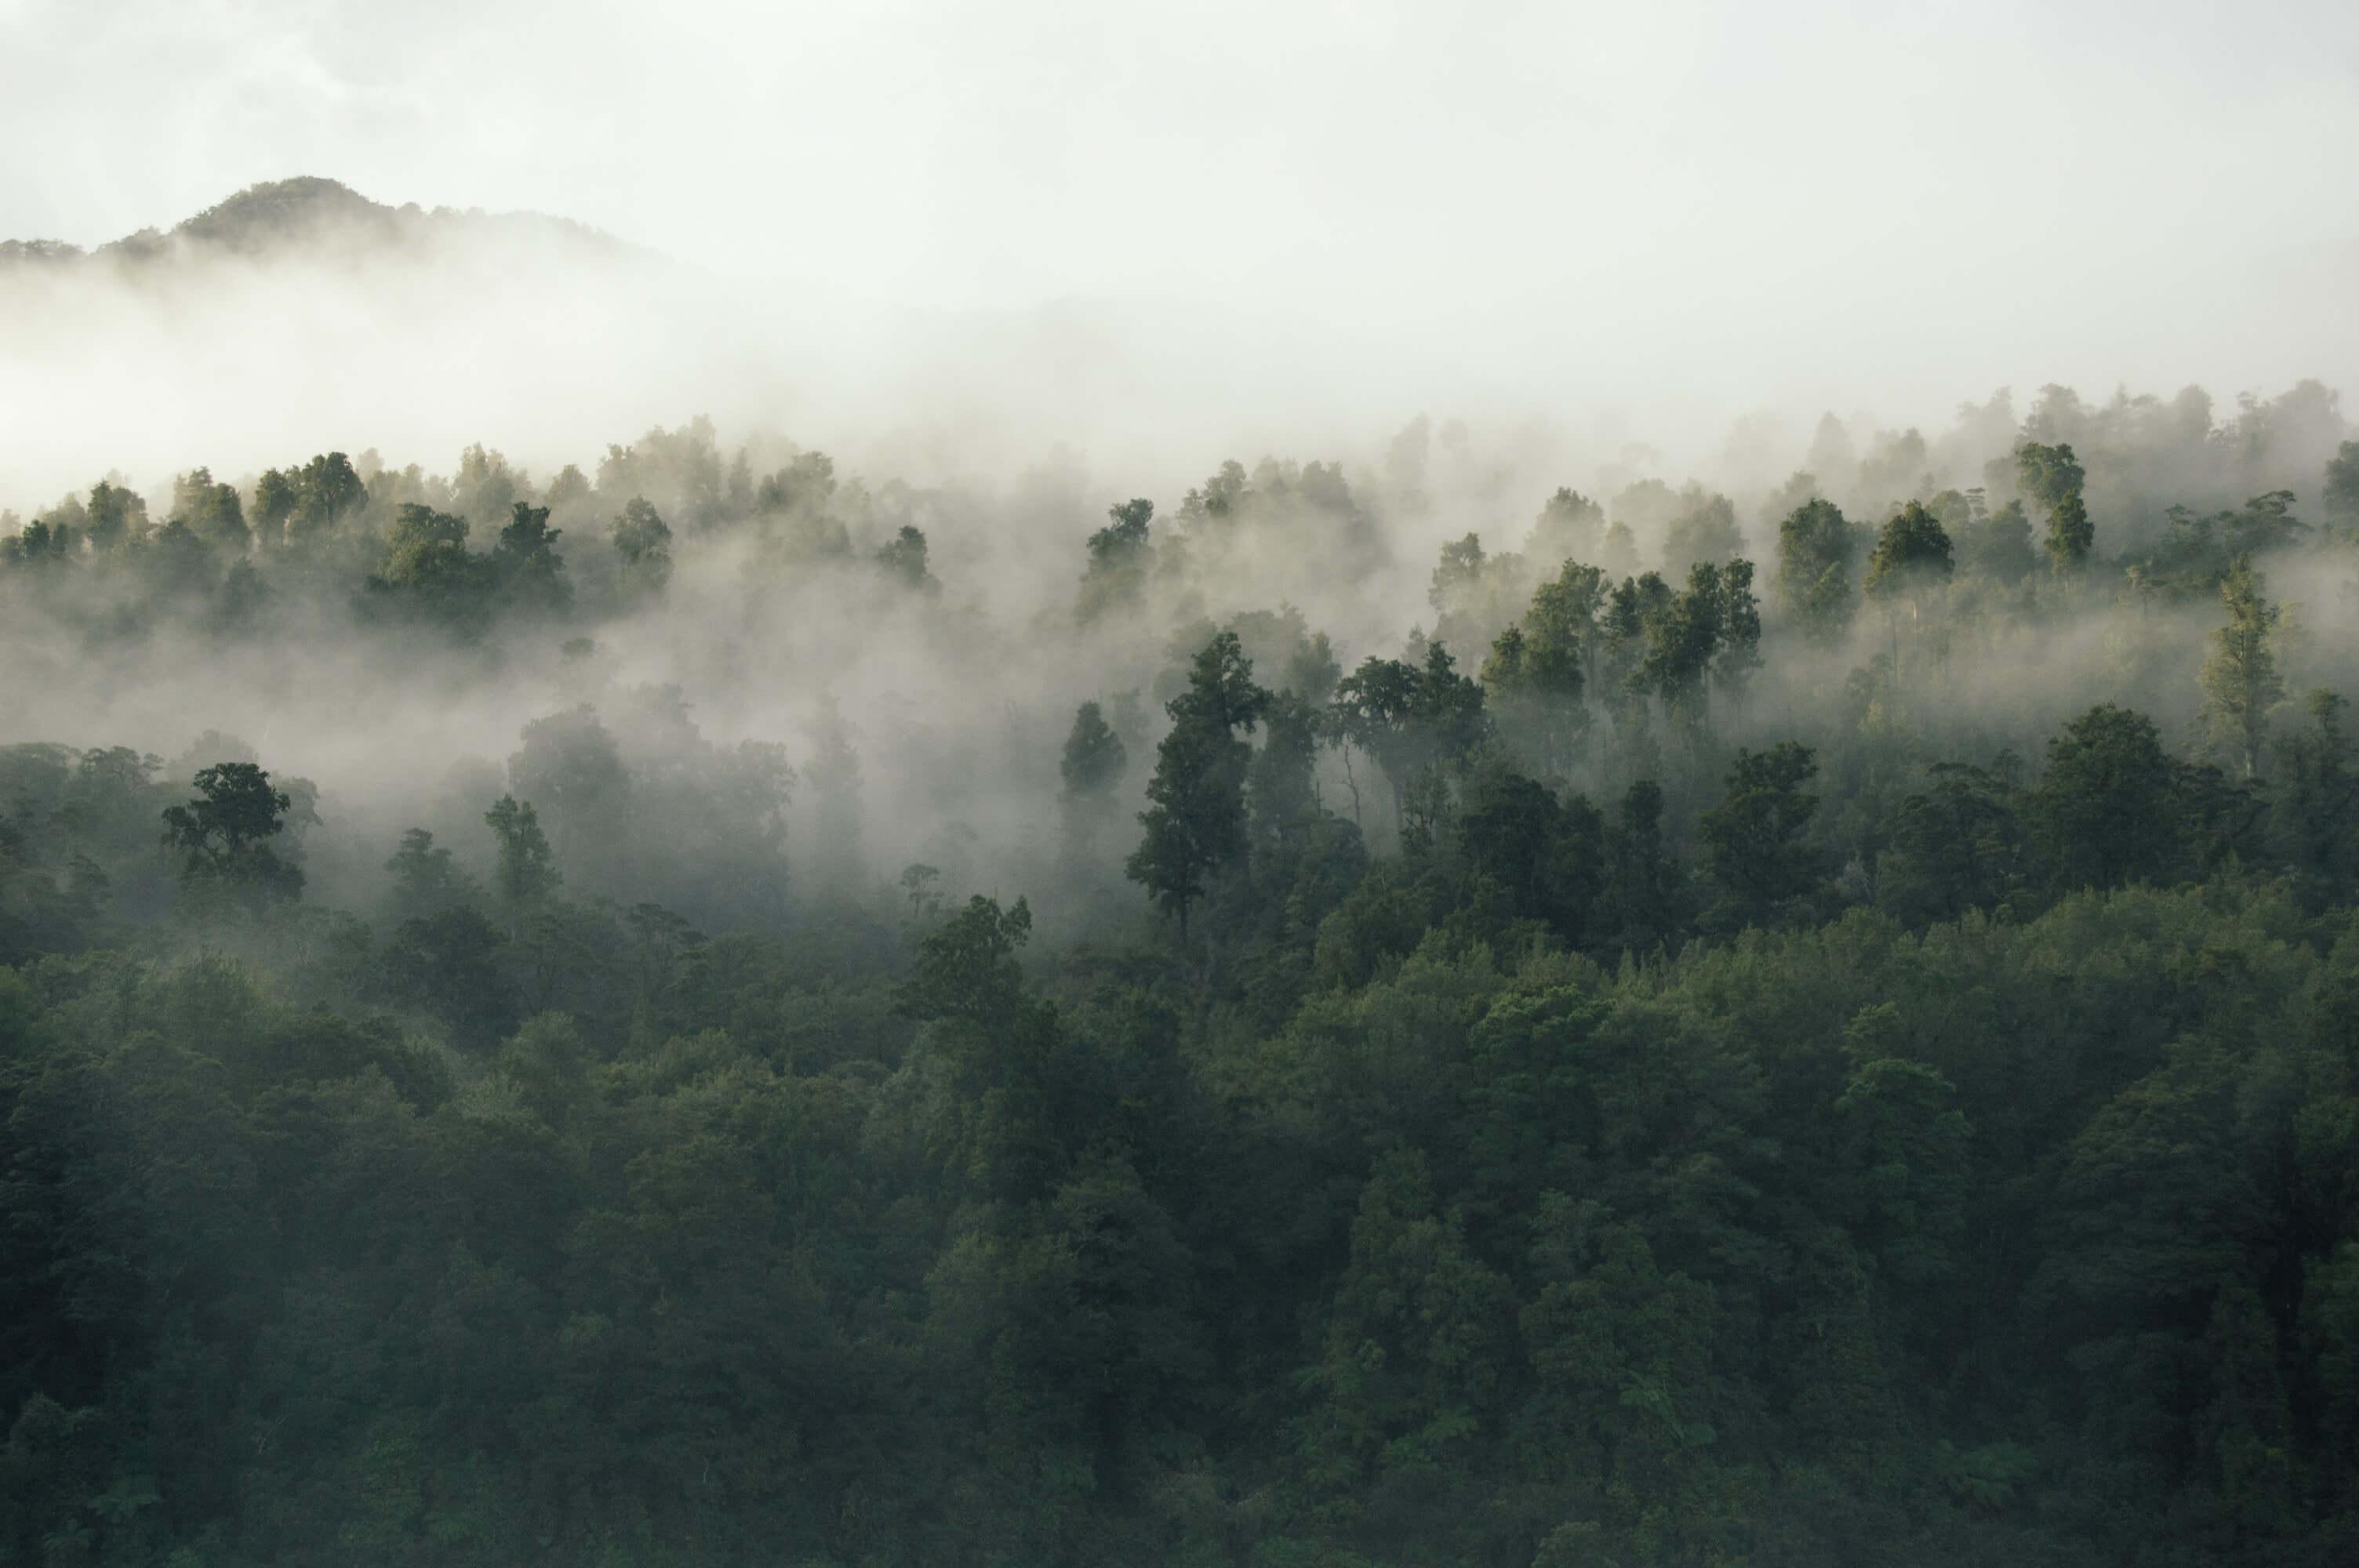 Forêt plongée dans la brume